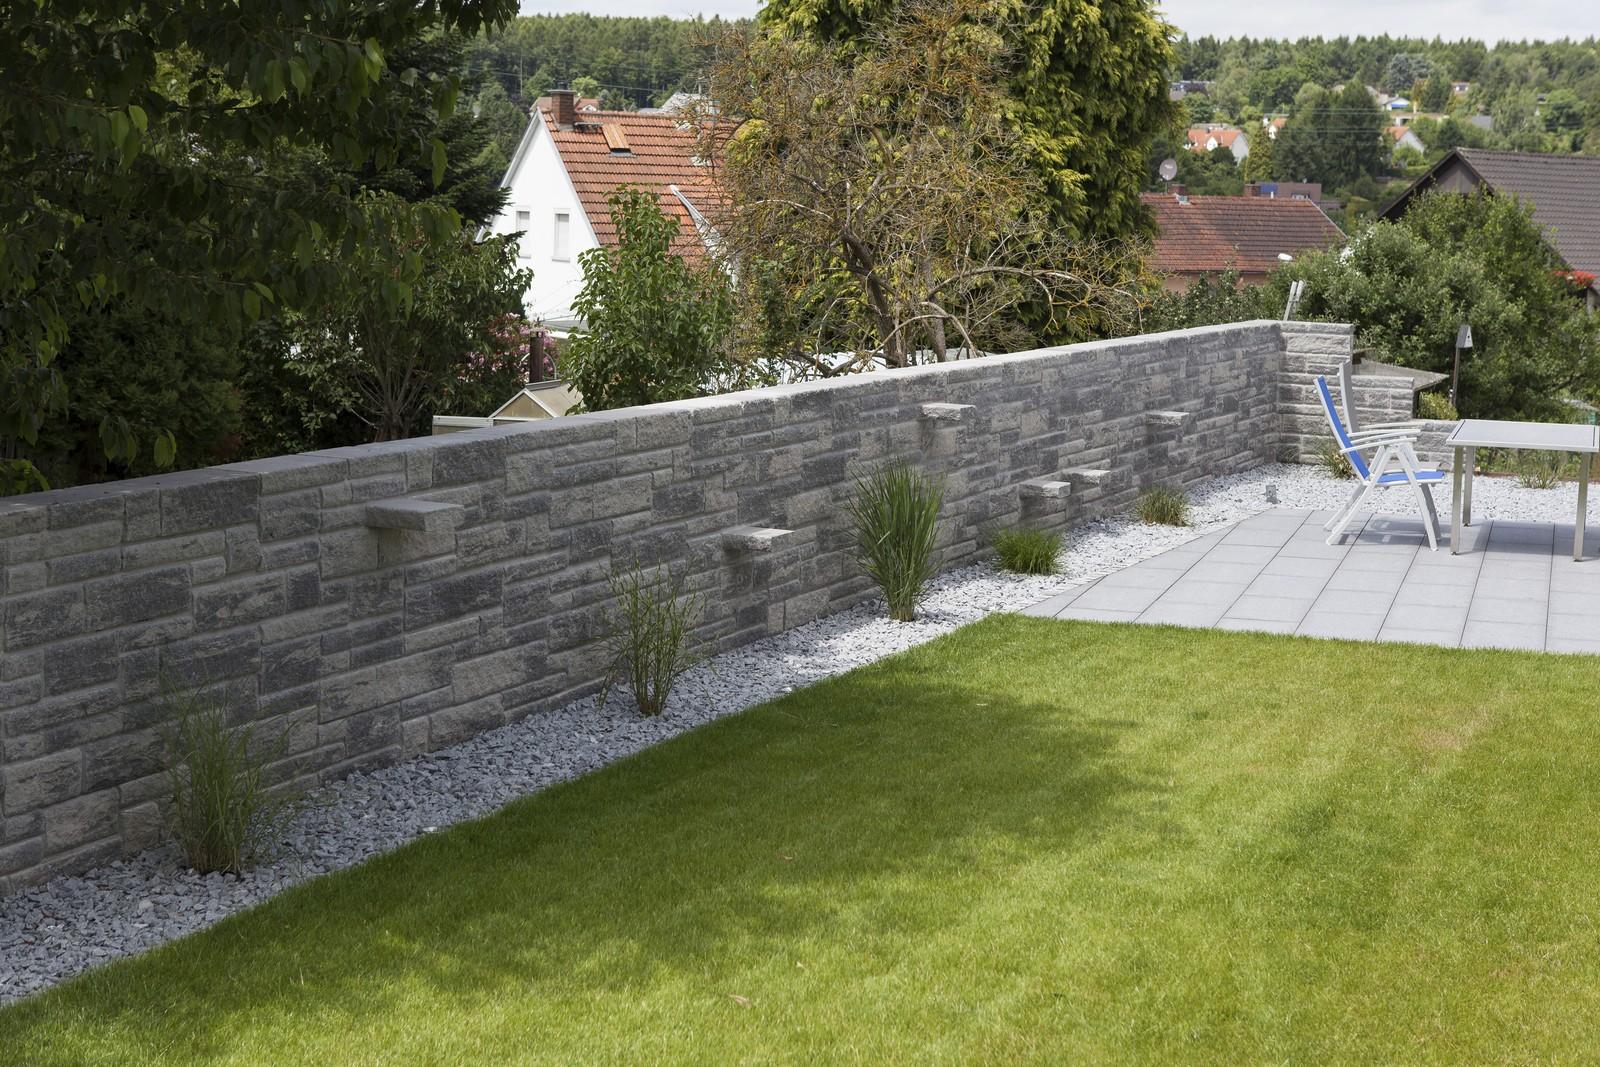 Toskana Mauer Von Rinn Betonsteine Und Natursteine